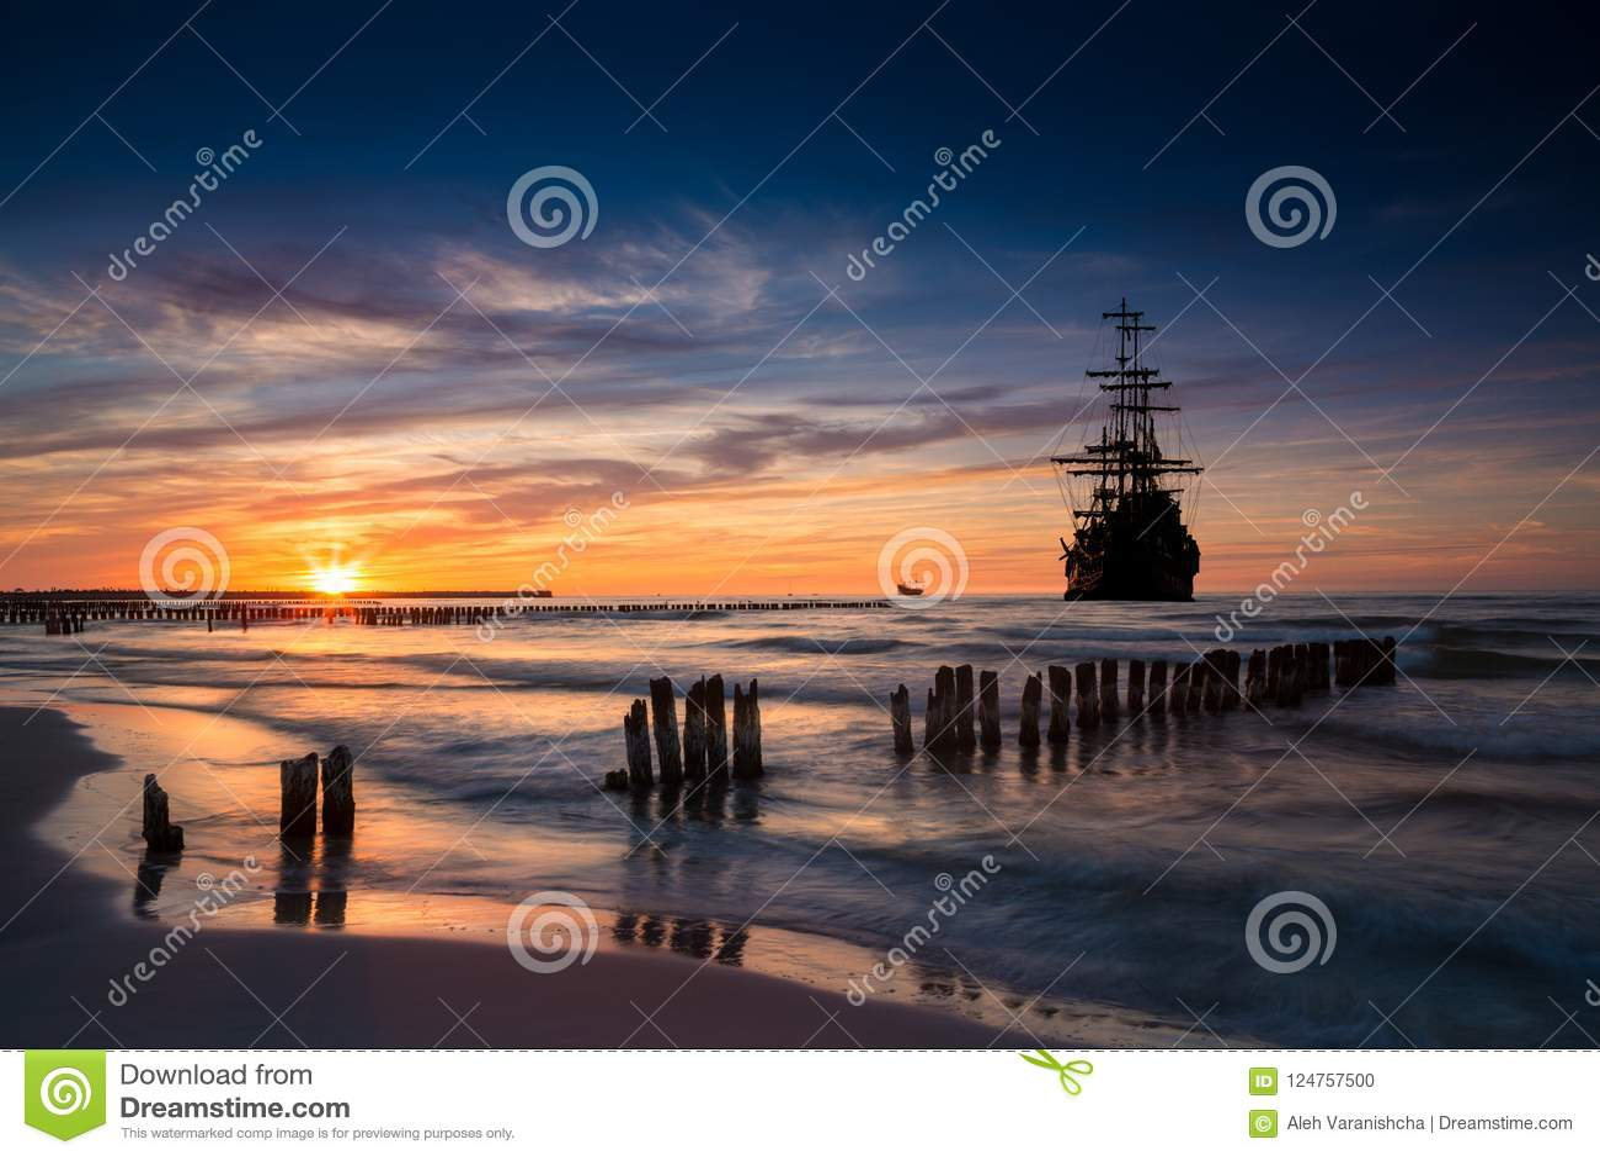 Vieille silhouette de bateau dans le paysage de coucher du soleil